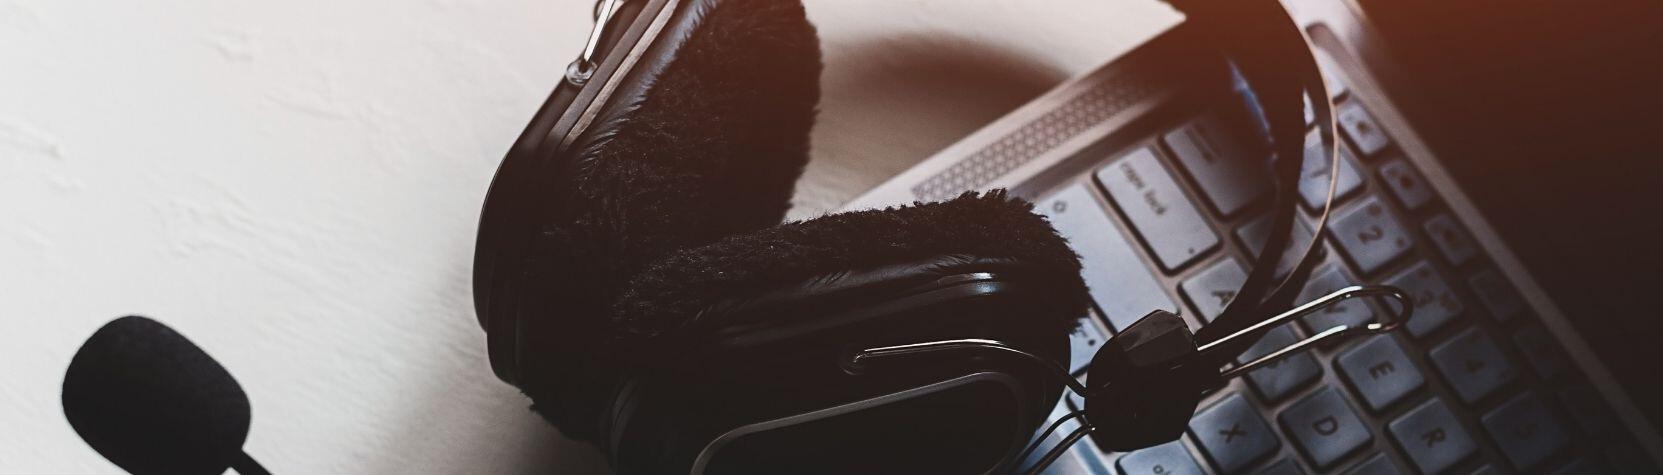 Vds training consultants blog samenwerken op afstand begint bij begrip